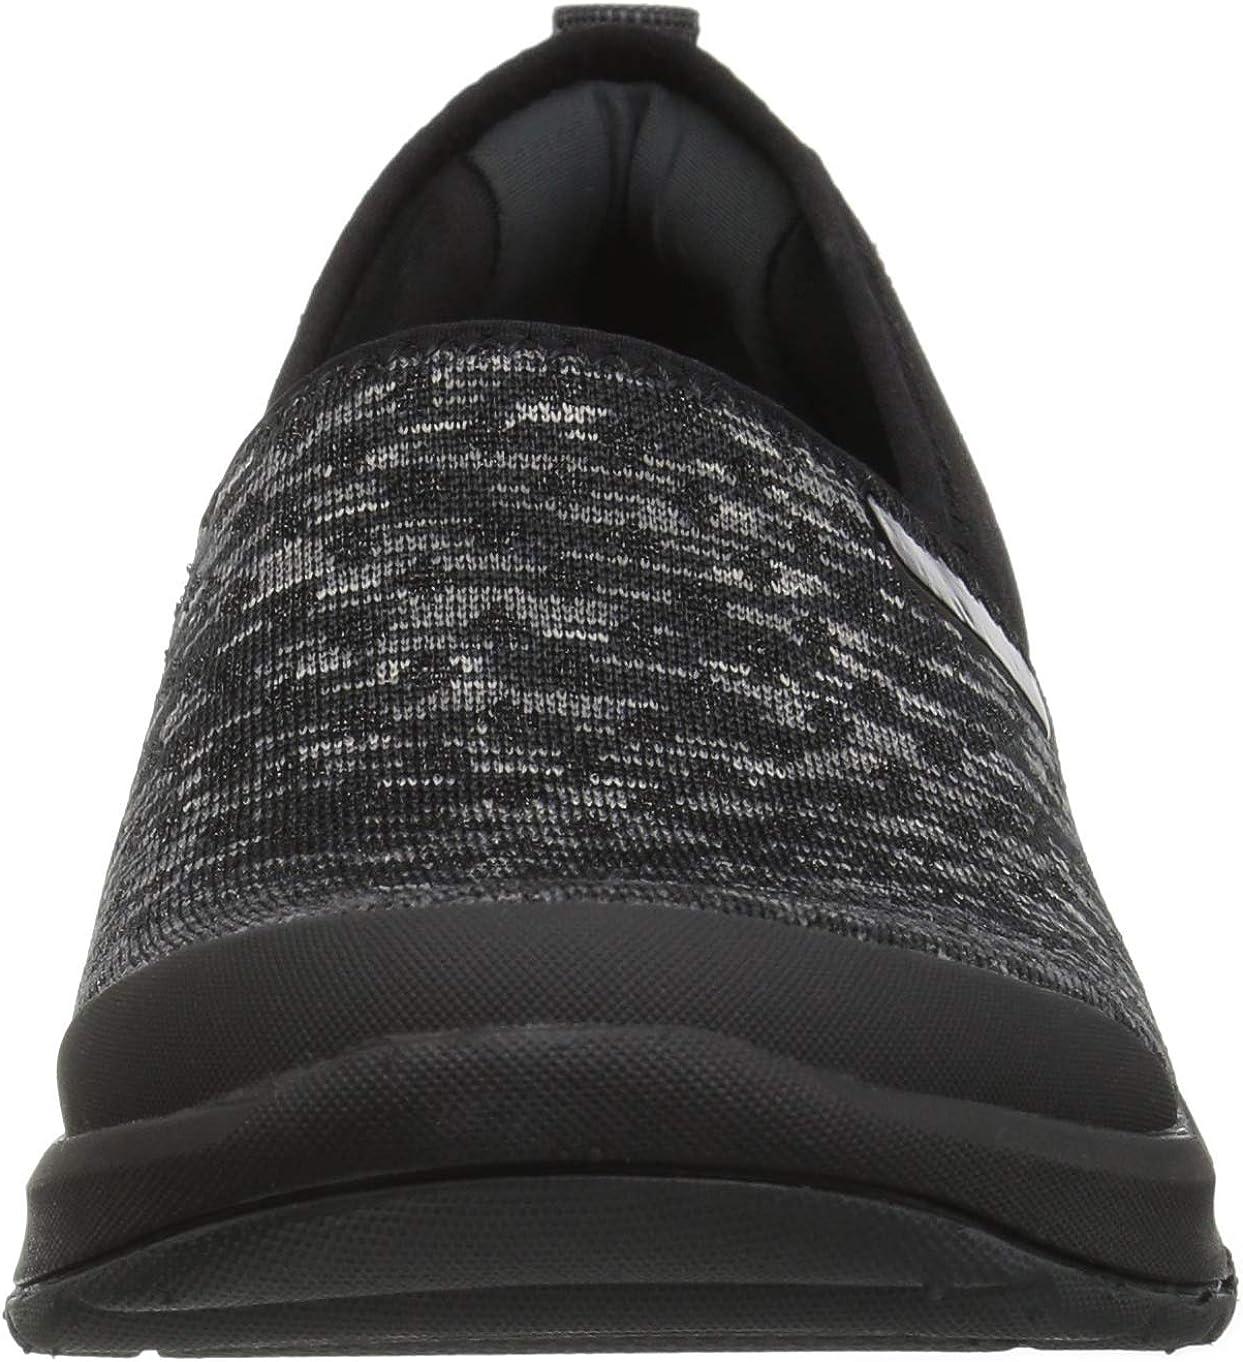 BZees Women's Glee Sneaker Black Dot Heather Knit